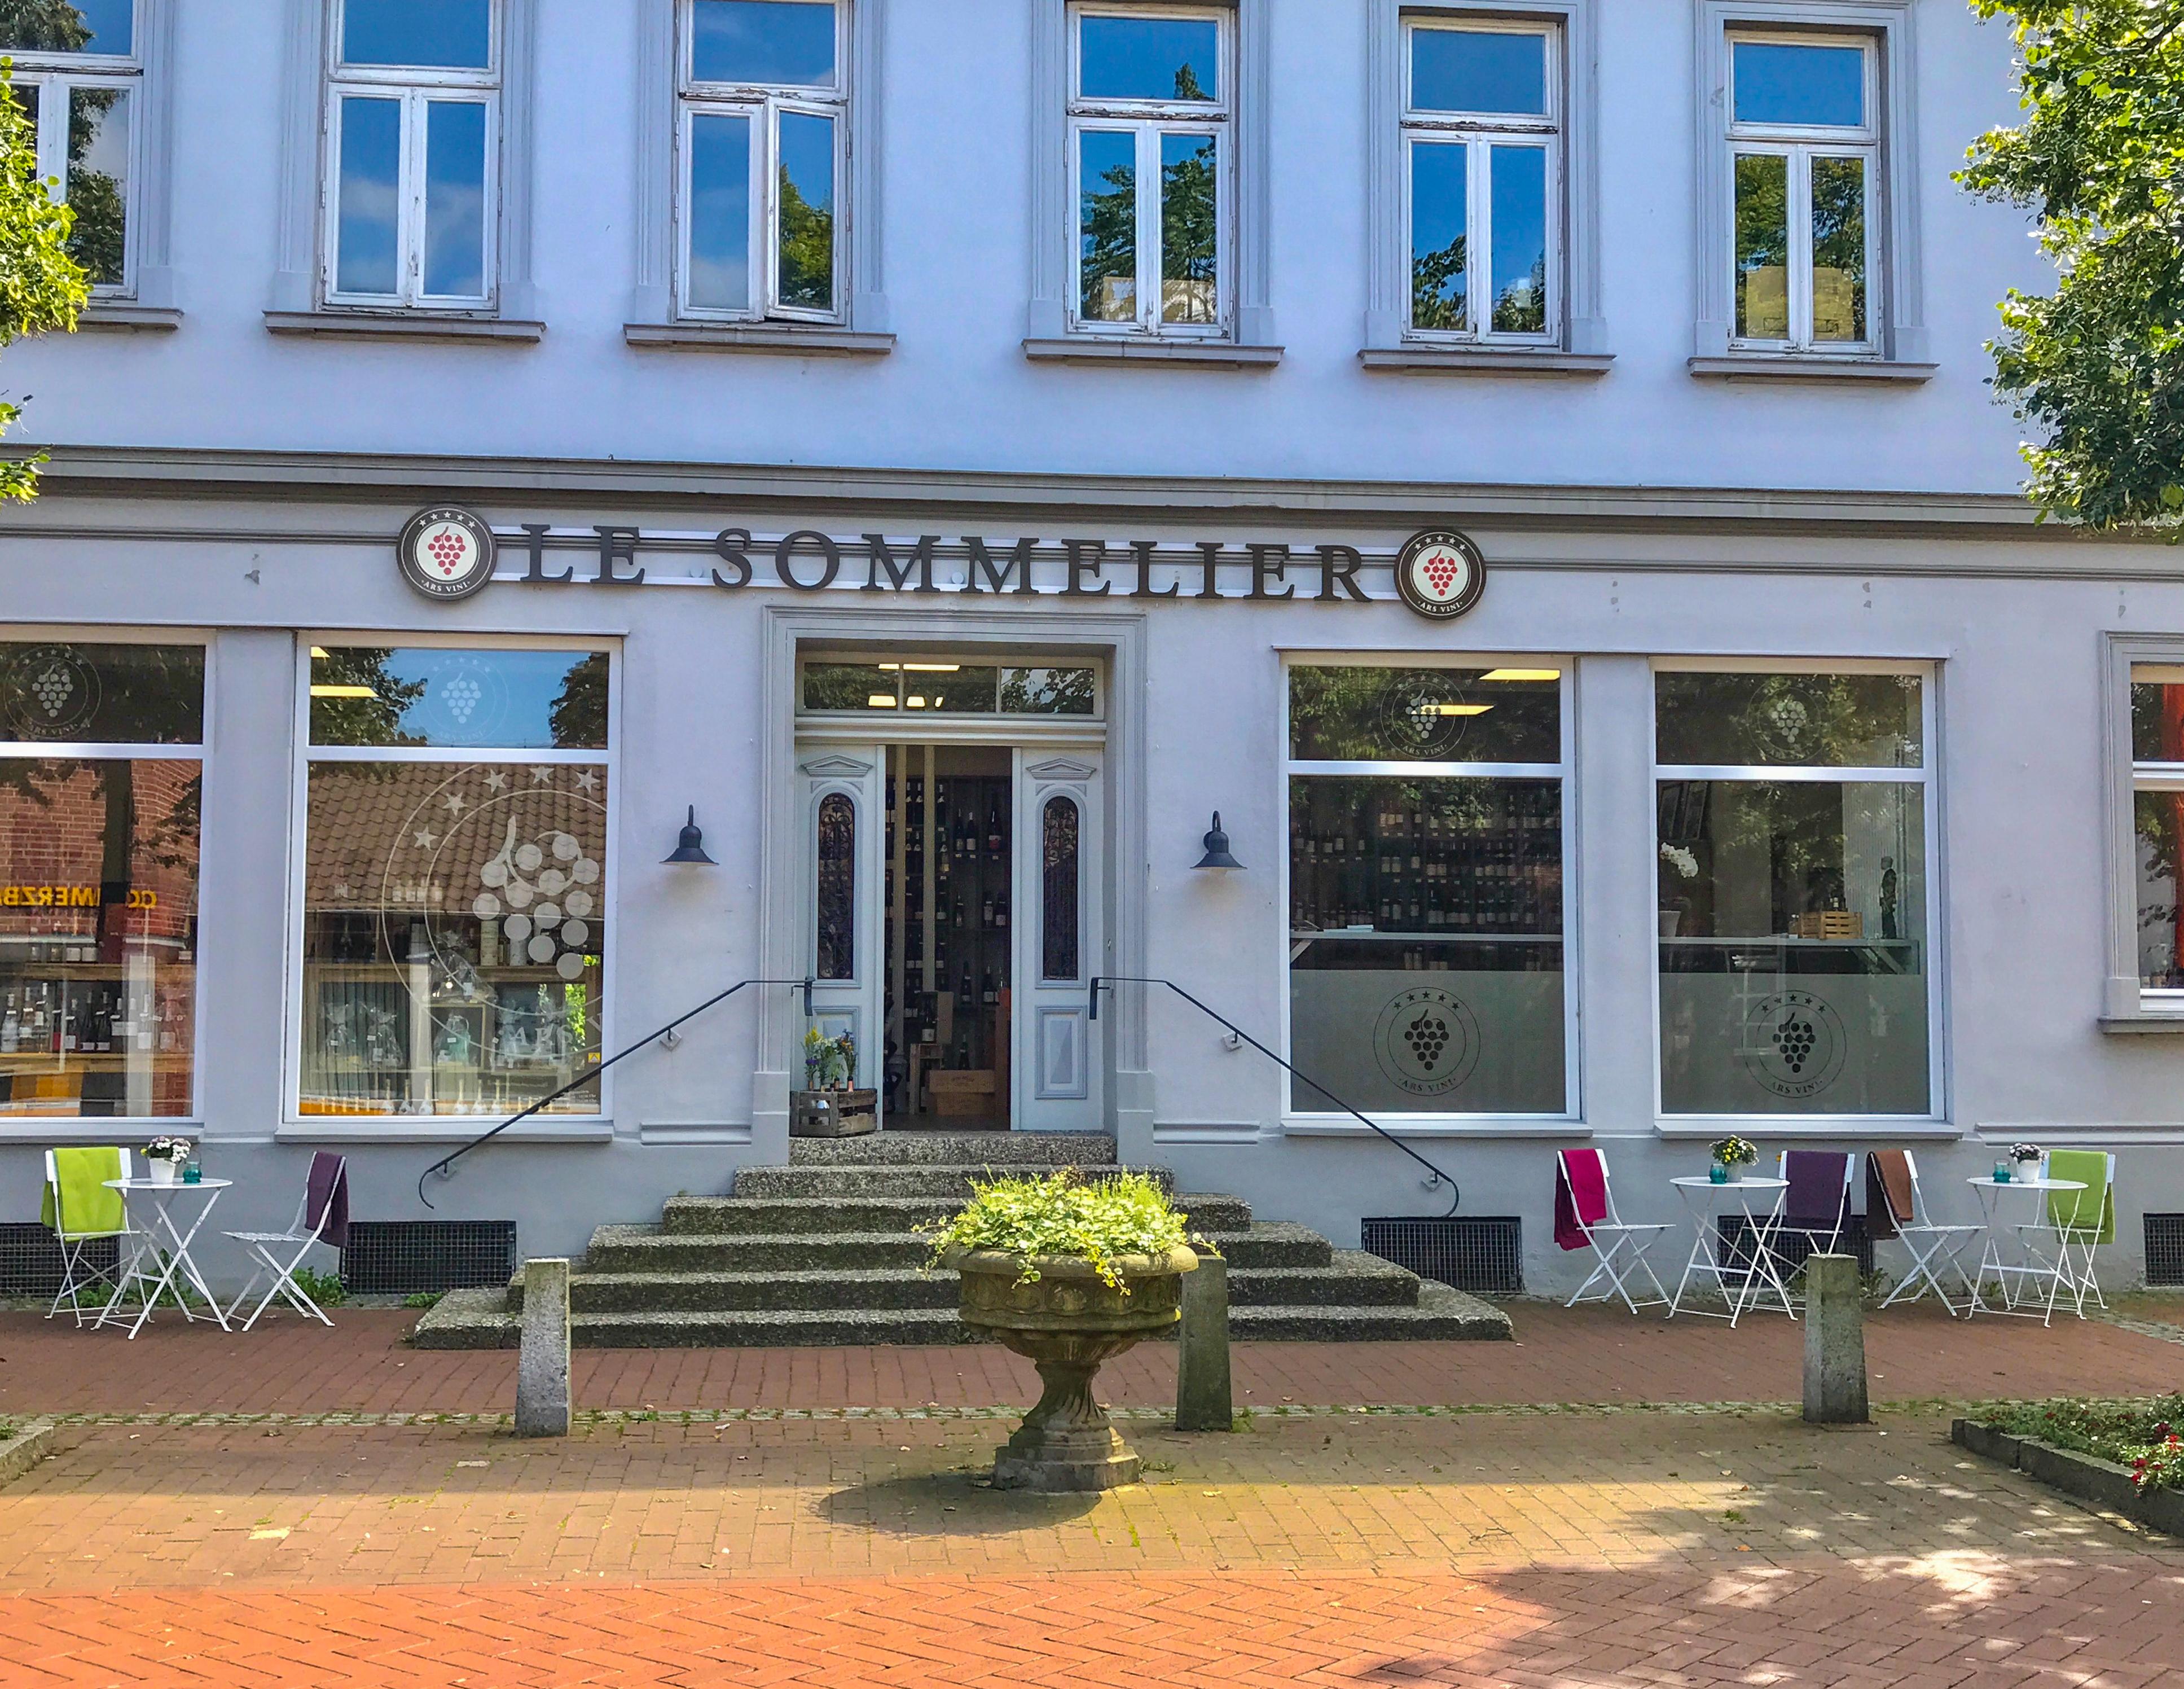 Le Sommelier in Großburgwedel